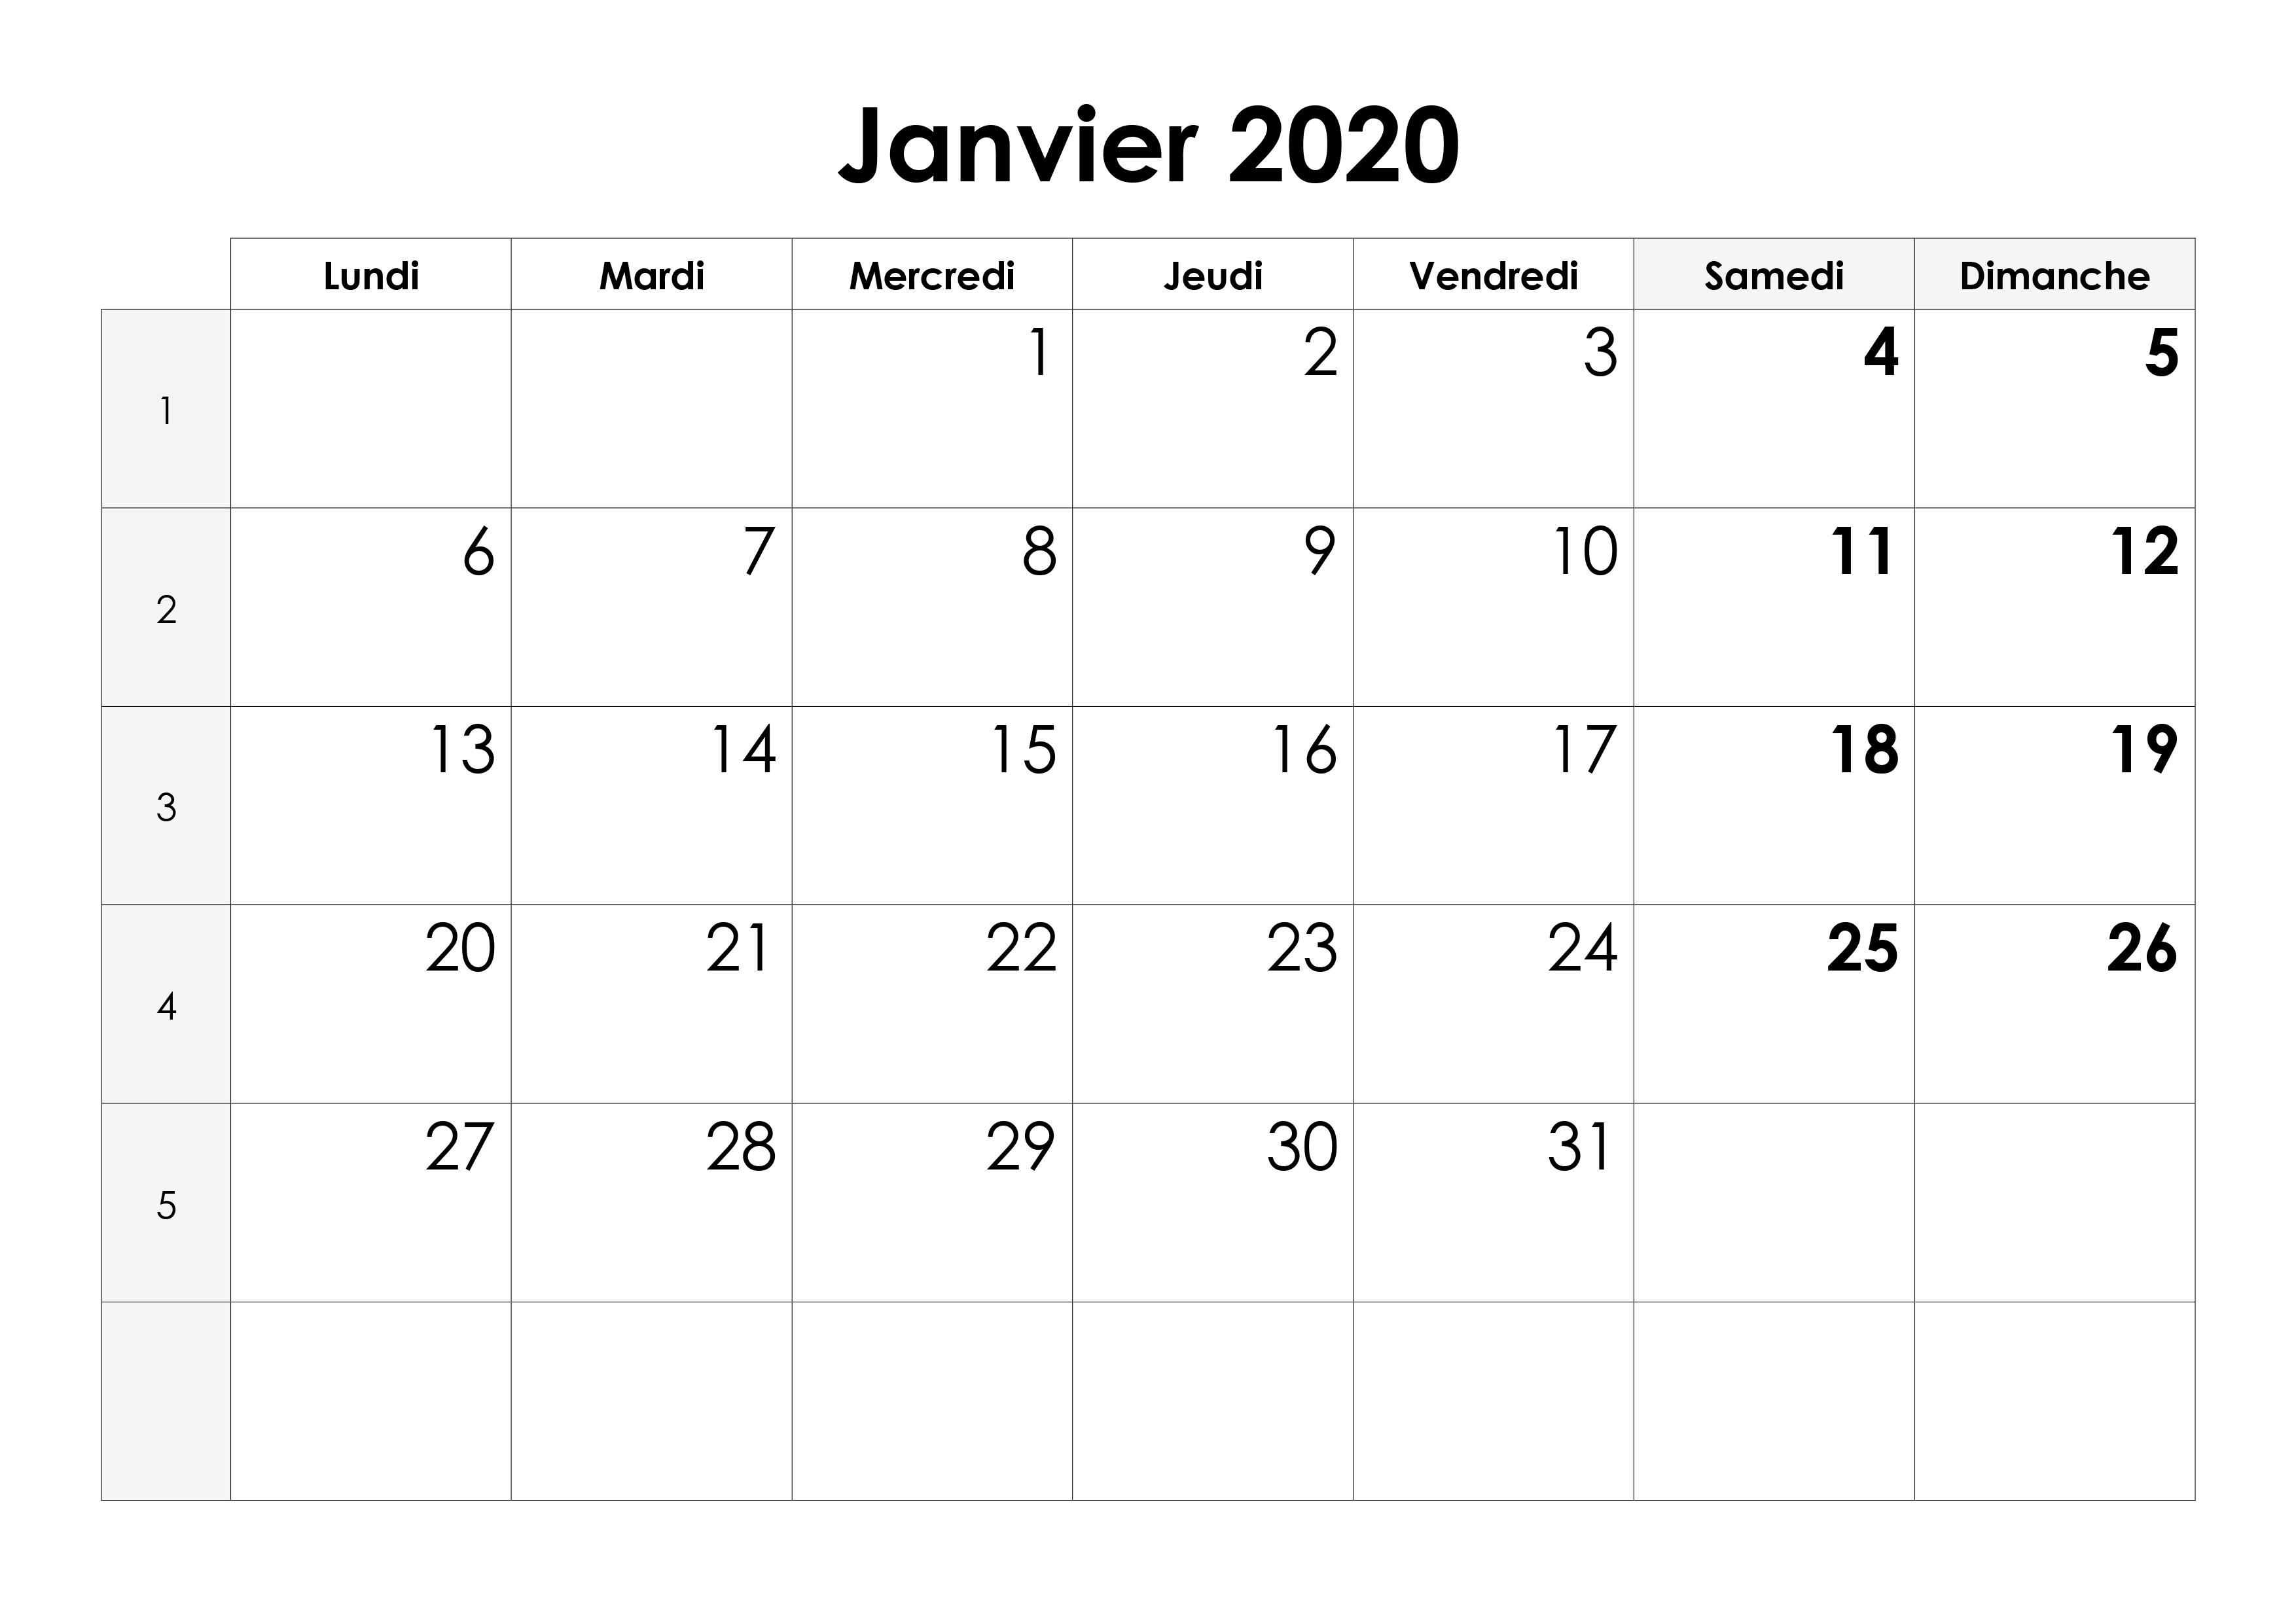 Calendrier Coupe Du Monde 2020 A Imprimer.Calendrier 2020 A Imprimer Pdf